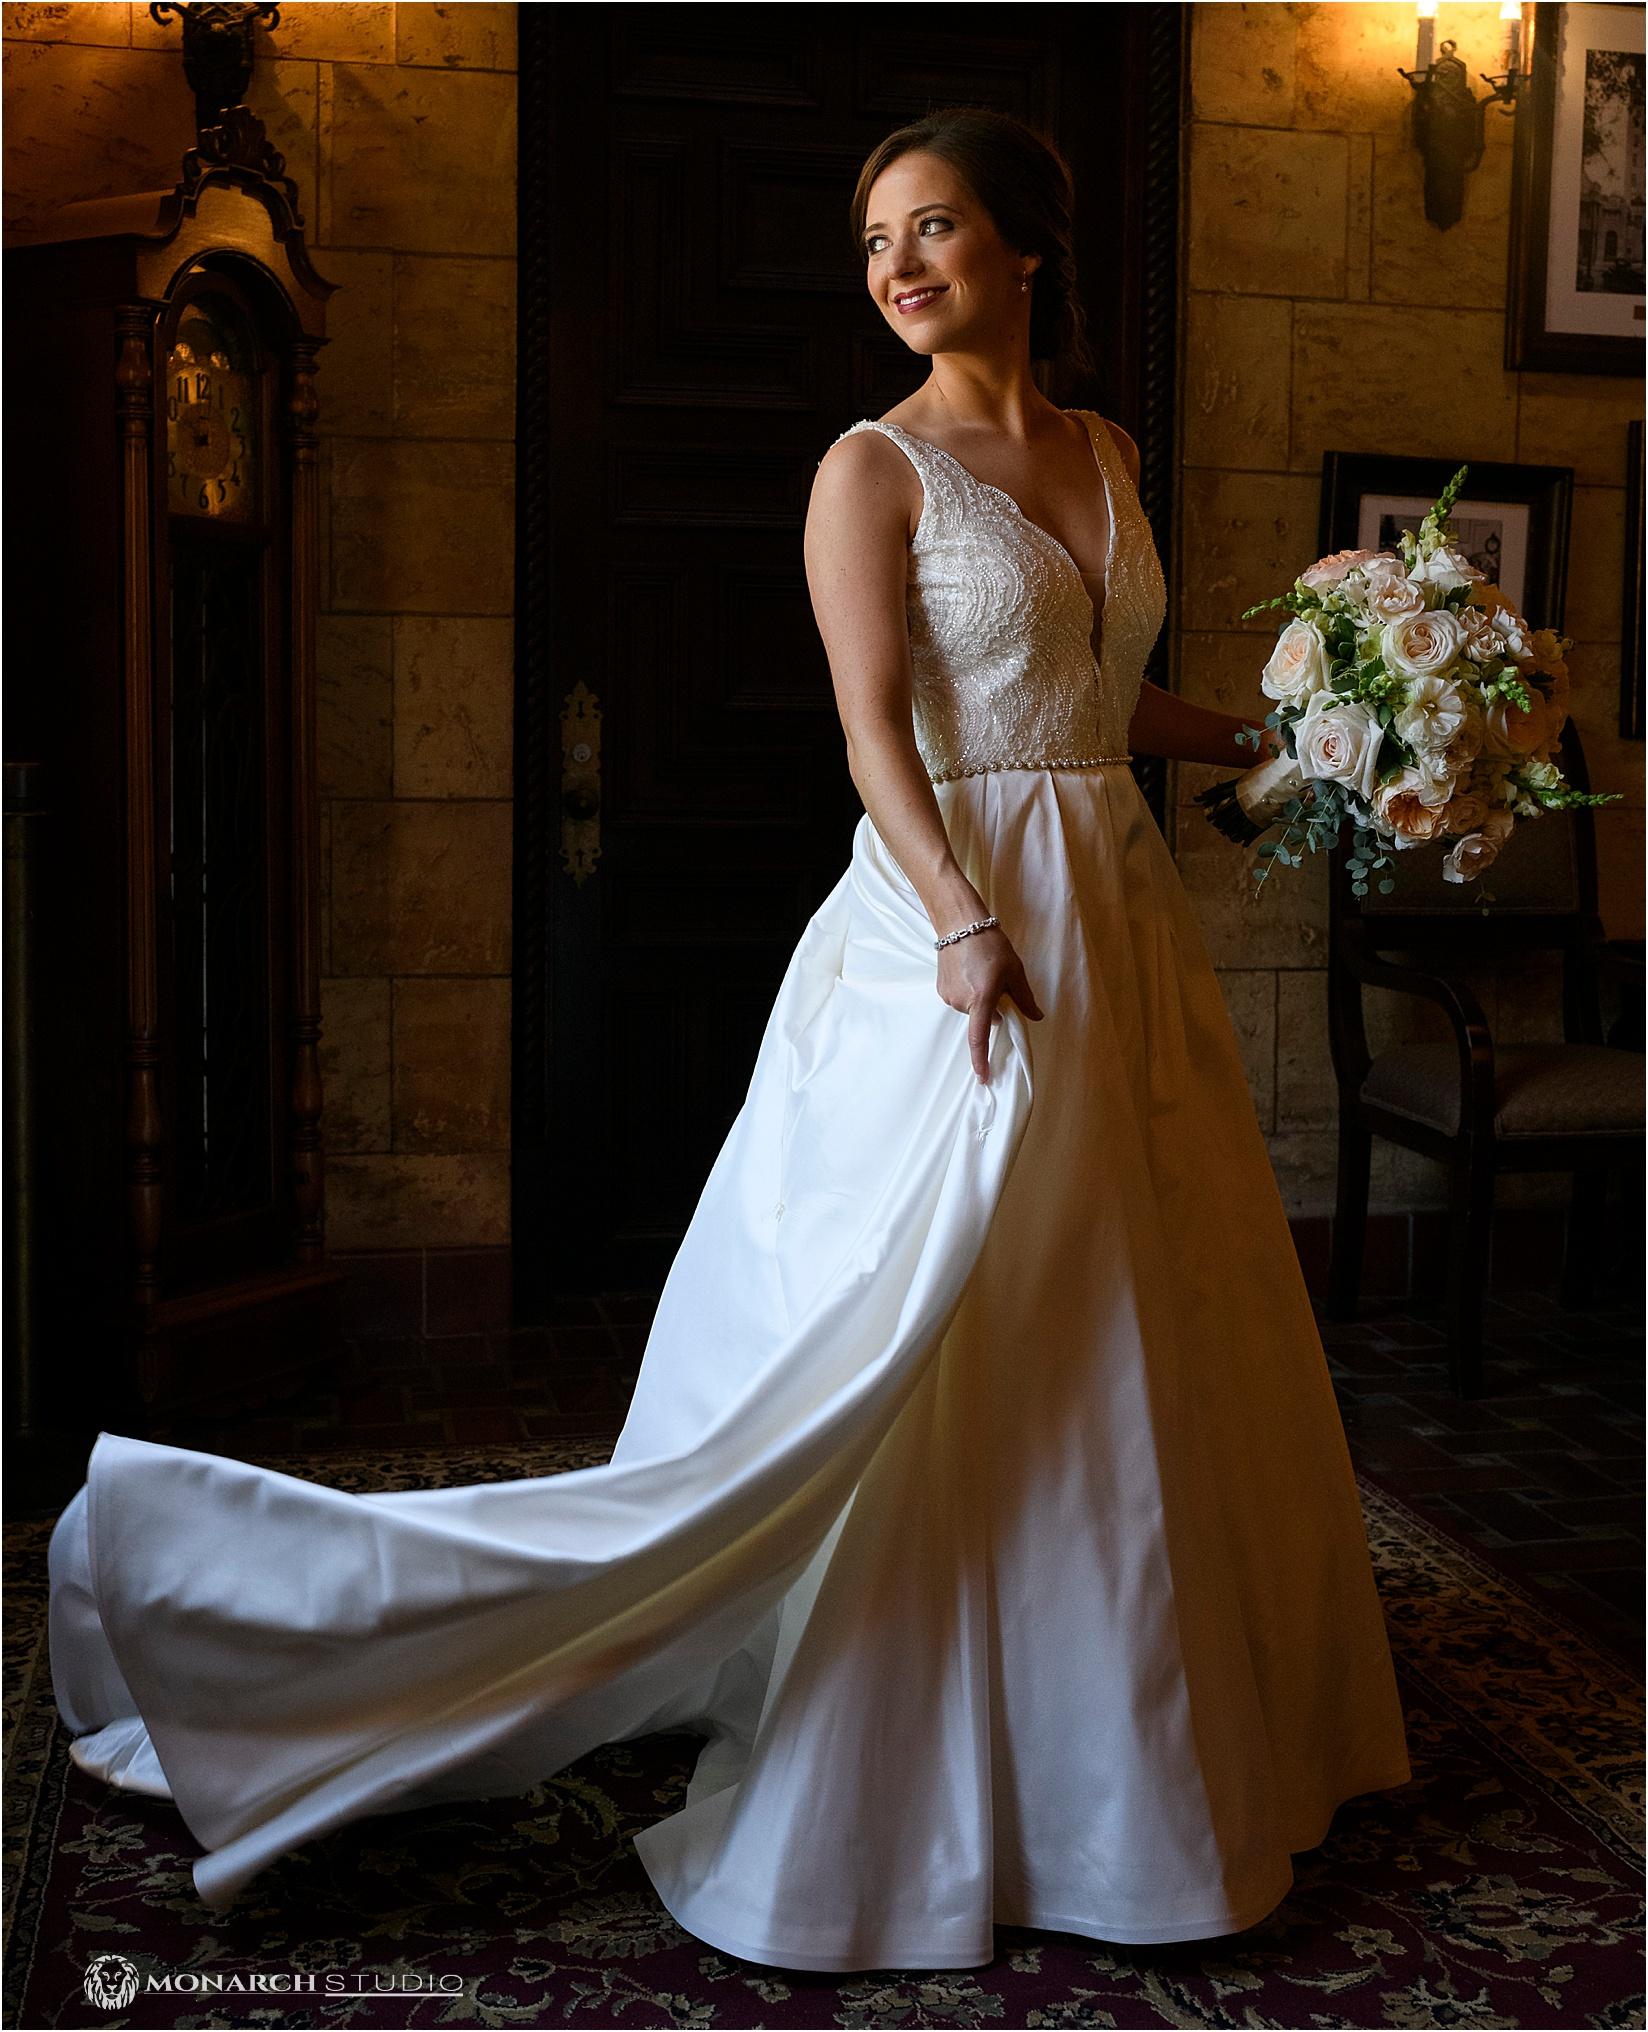 Wedding-PHotographer-in-st-augustine-2019-014.jpg